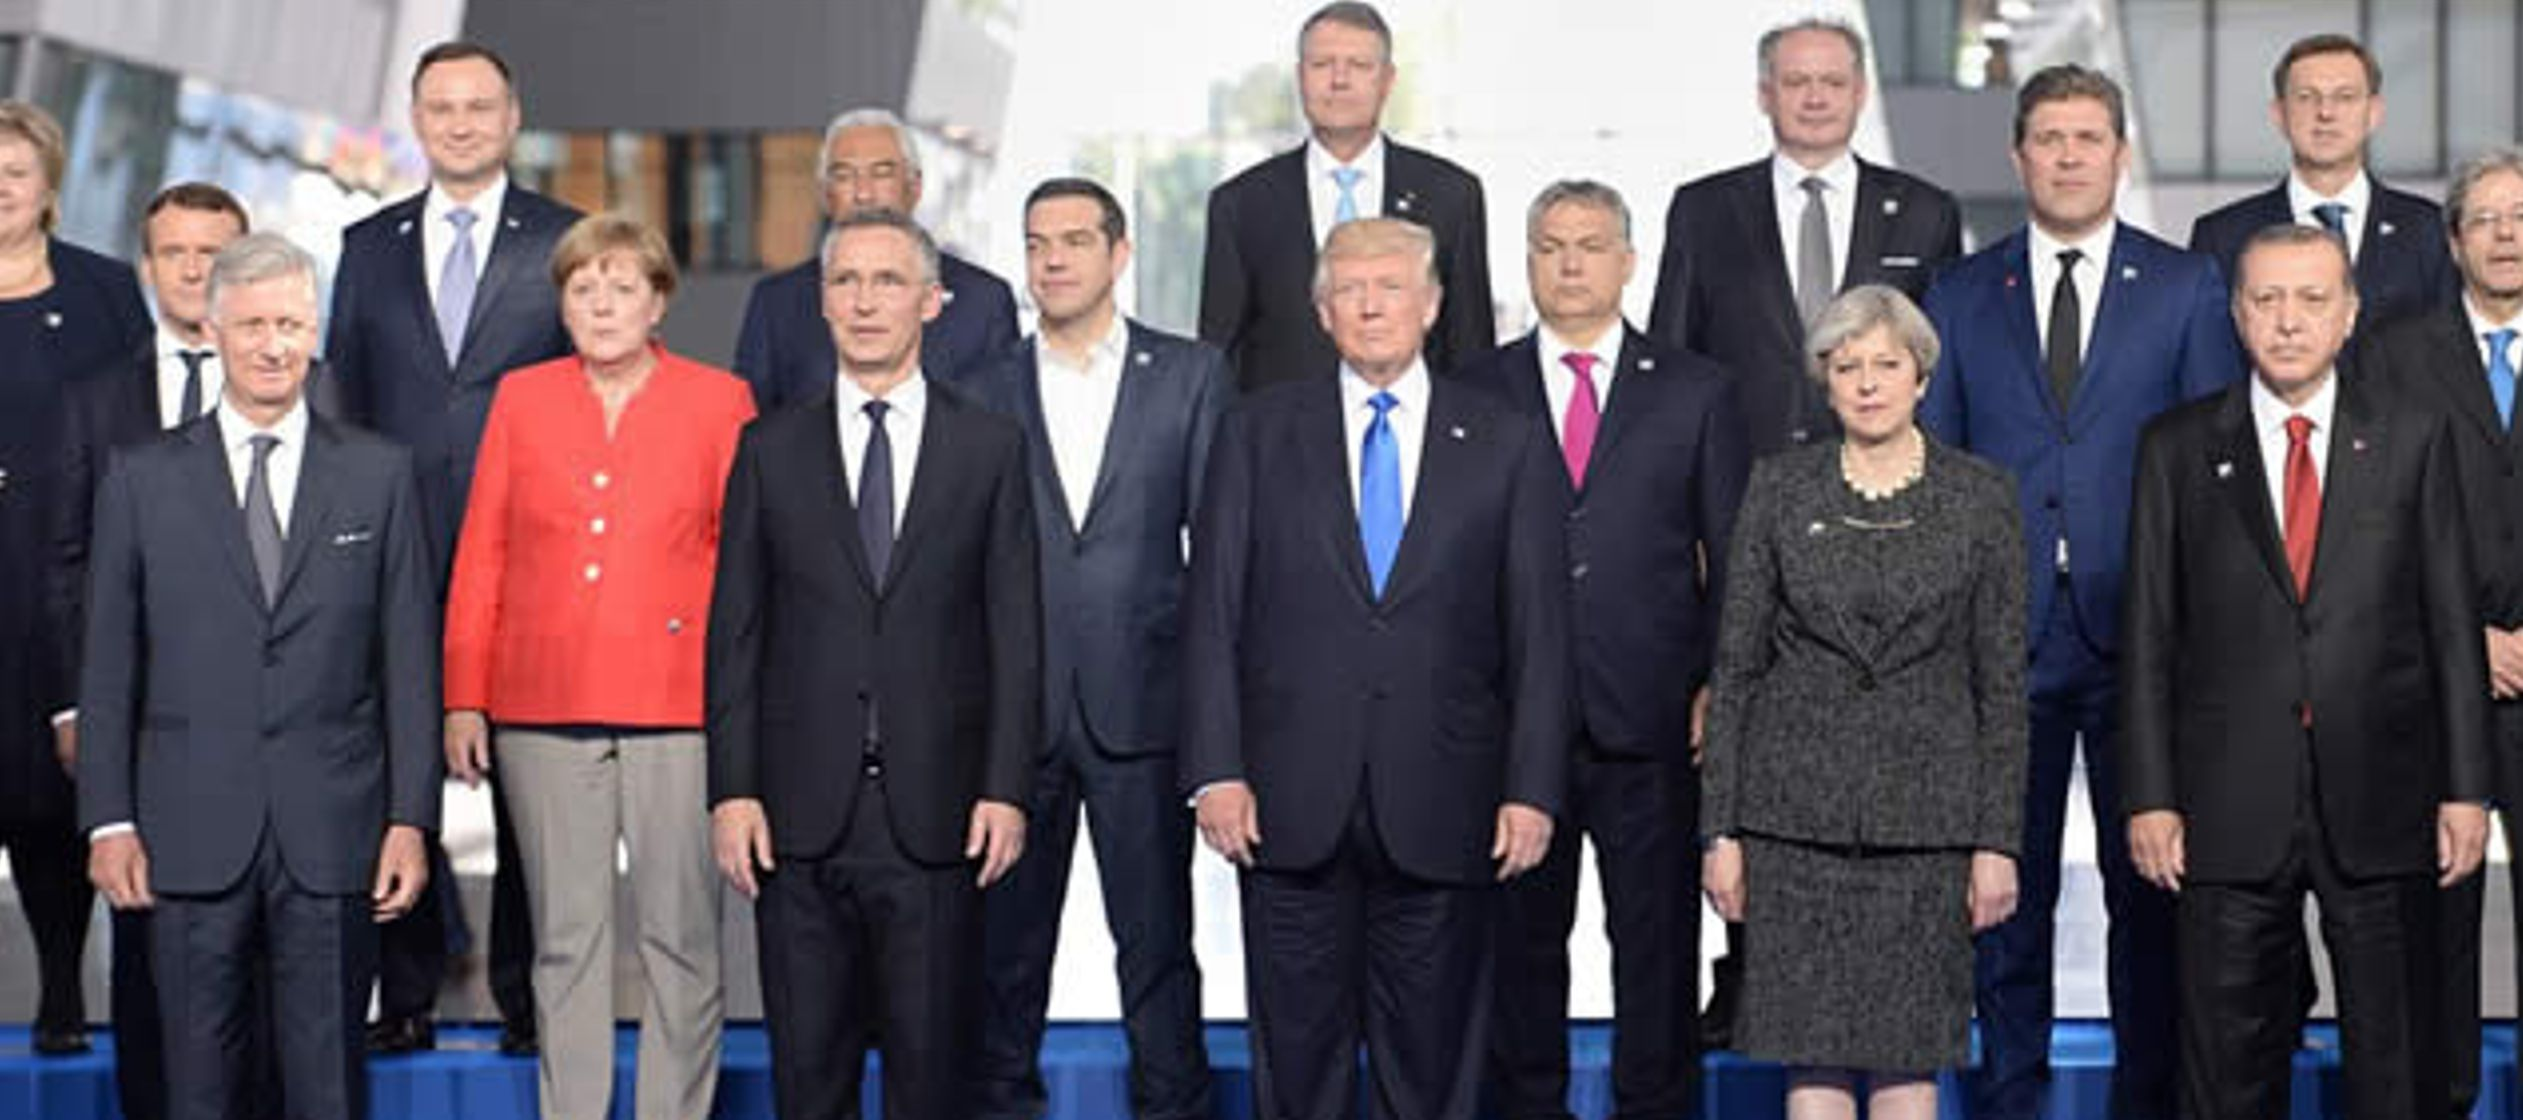 Para el secretario general, las fricciones transatlánticas no han sido un impedimento para...